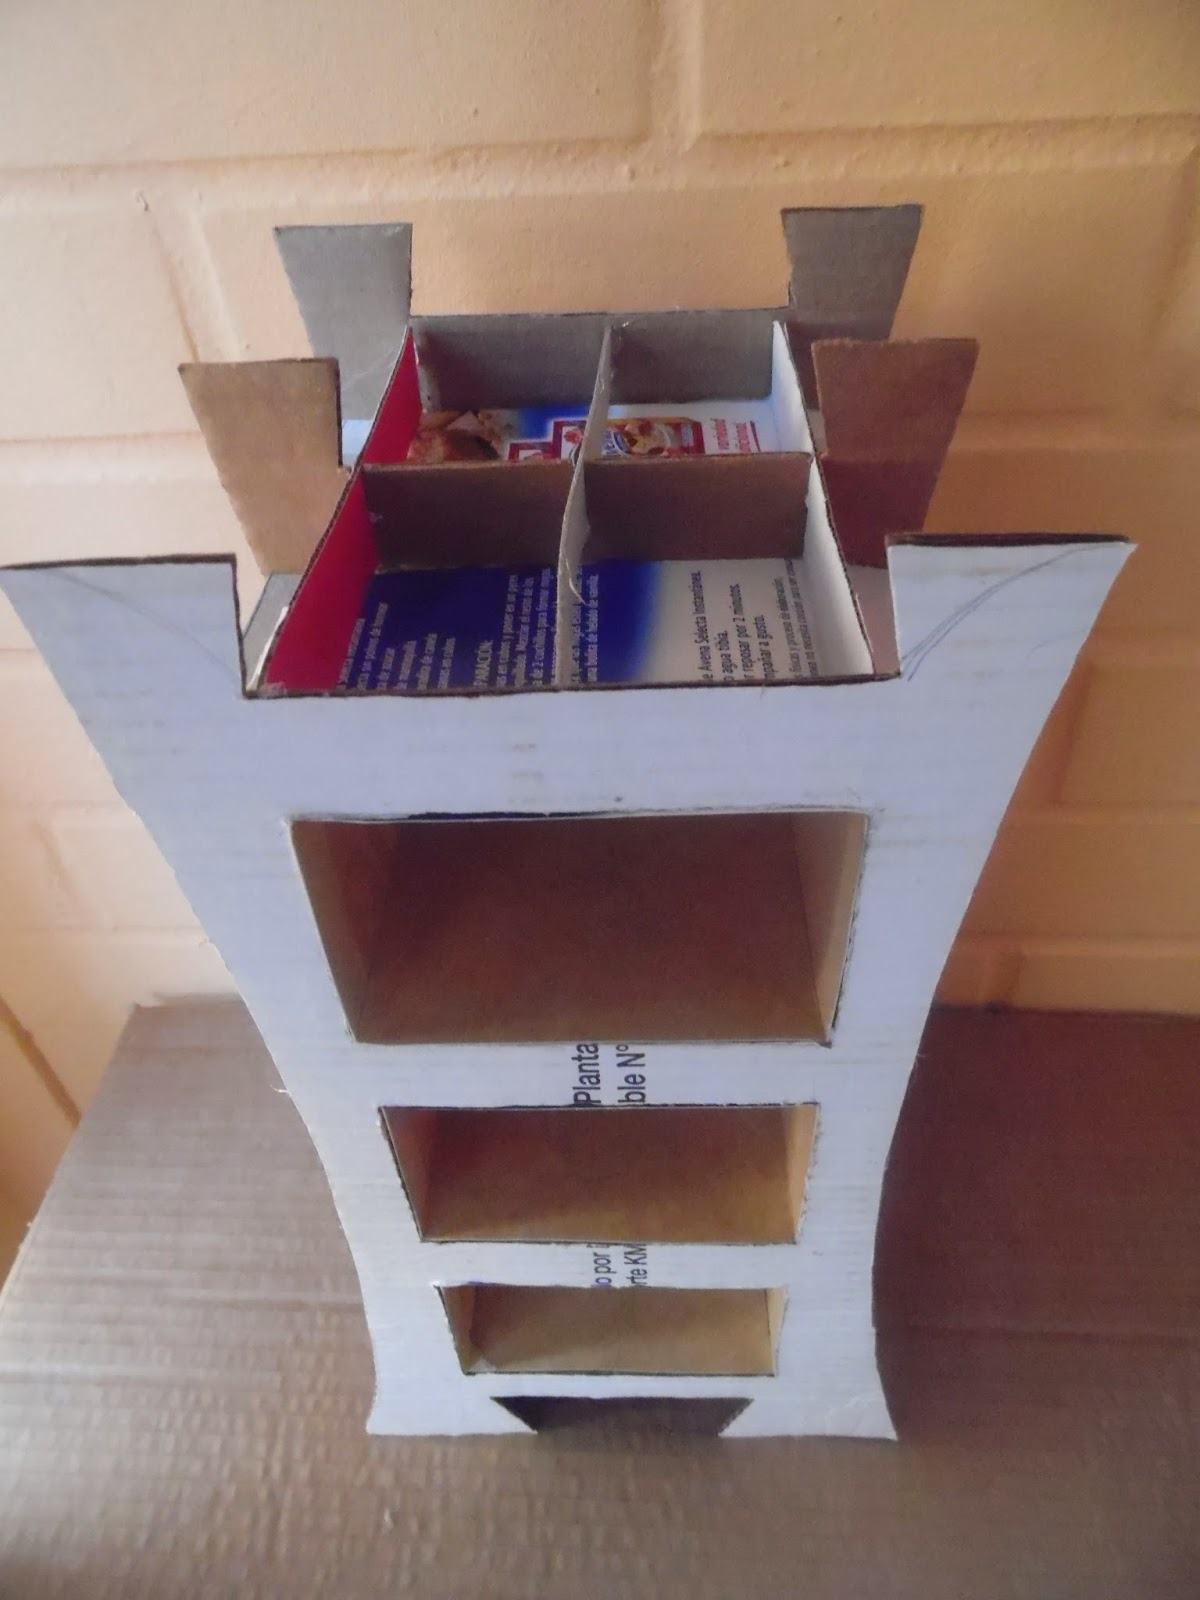 Manualidades reciclaje y artesan as de mujeres for Manualidades de muebles